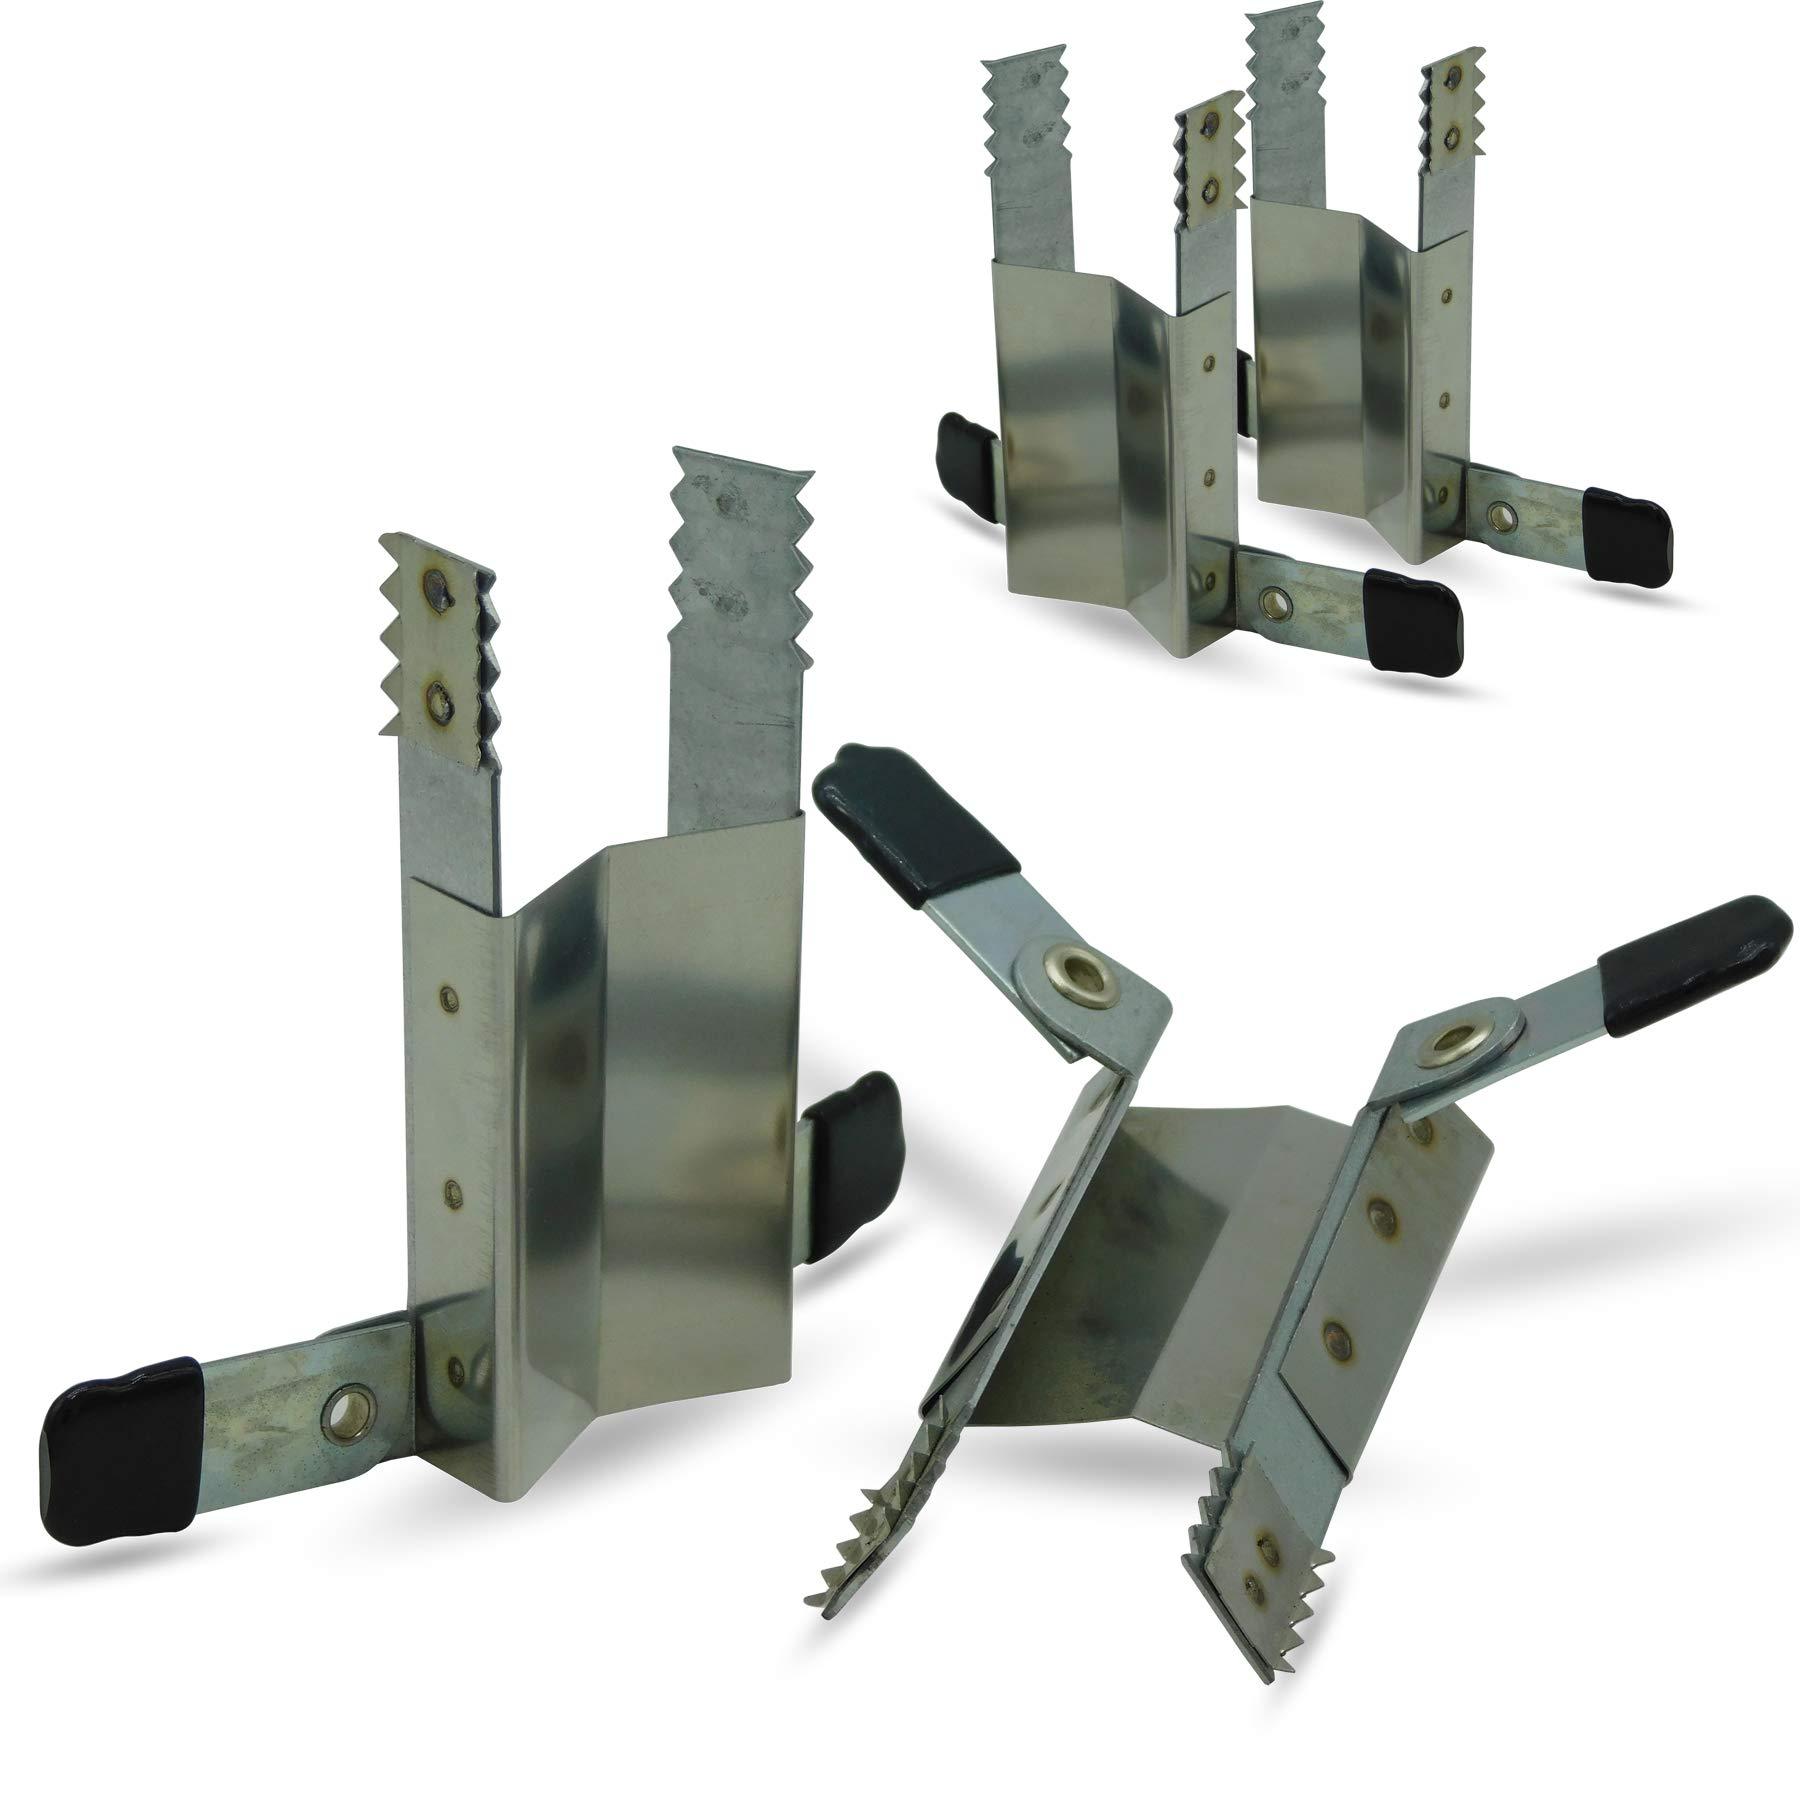 4 Pinza fusibles persiana Protección antirrobos persiana antirrobos 2 x 2 unidades): Amazon.es: Bricolaje y herramientas